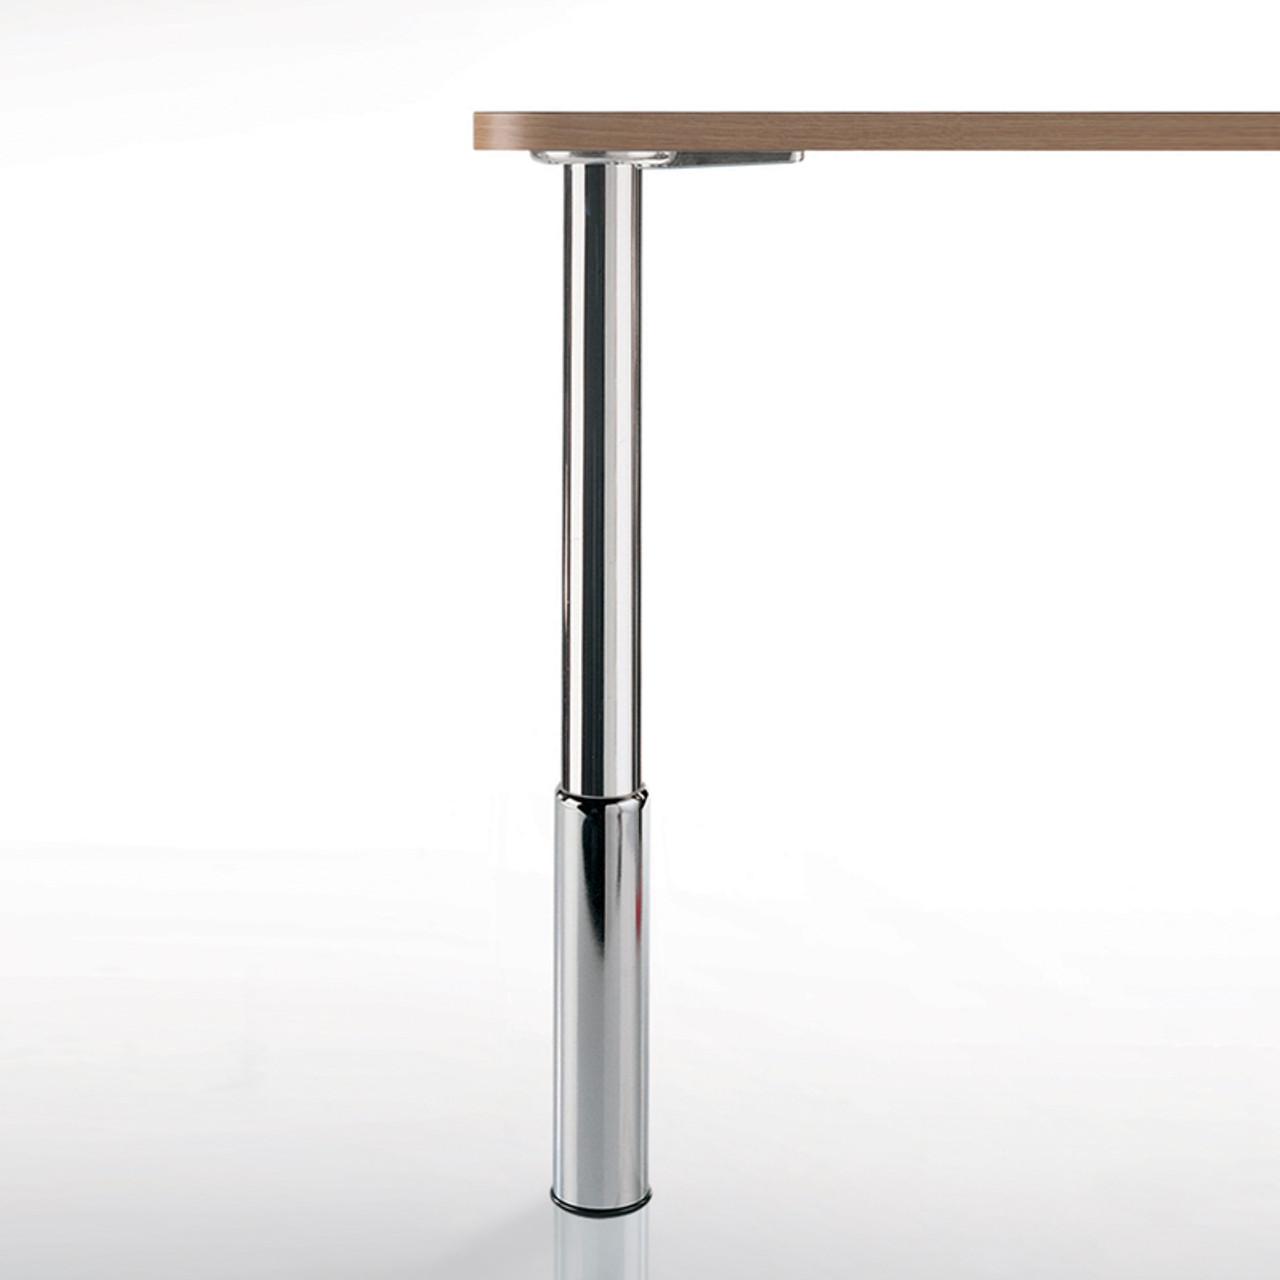 """Studio Telescoping Table Legs, 36""""-43"""", 2'' diameter leg 7'' adjustable foot - replacementtablelegs.com"""